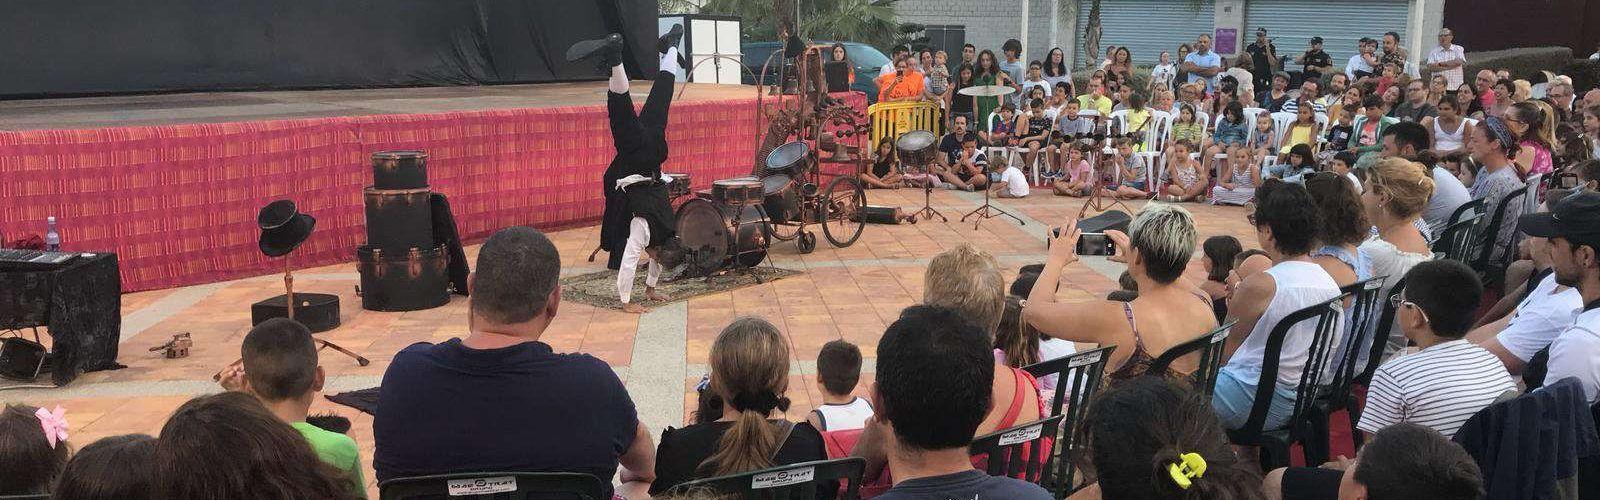 Alcalà-Alcossebre obre la seua programació d'agost amb el festival de circ Babakus